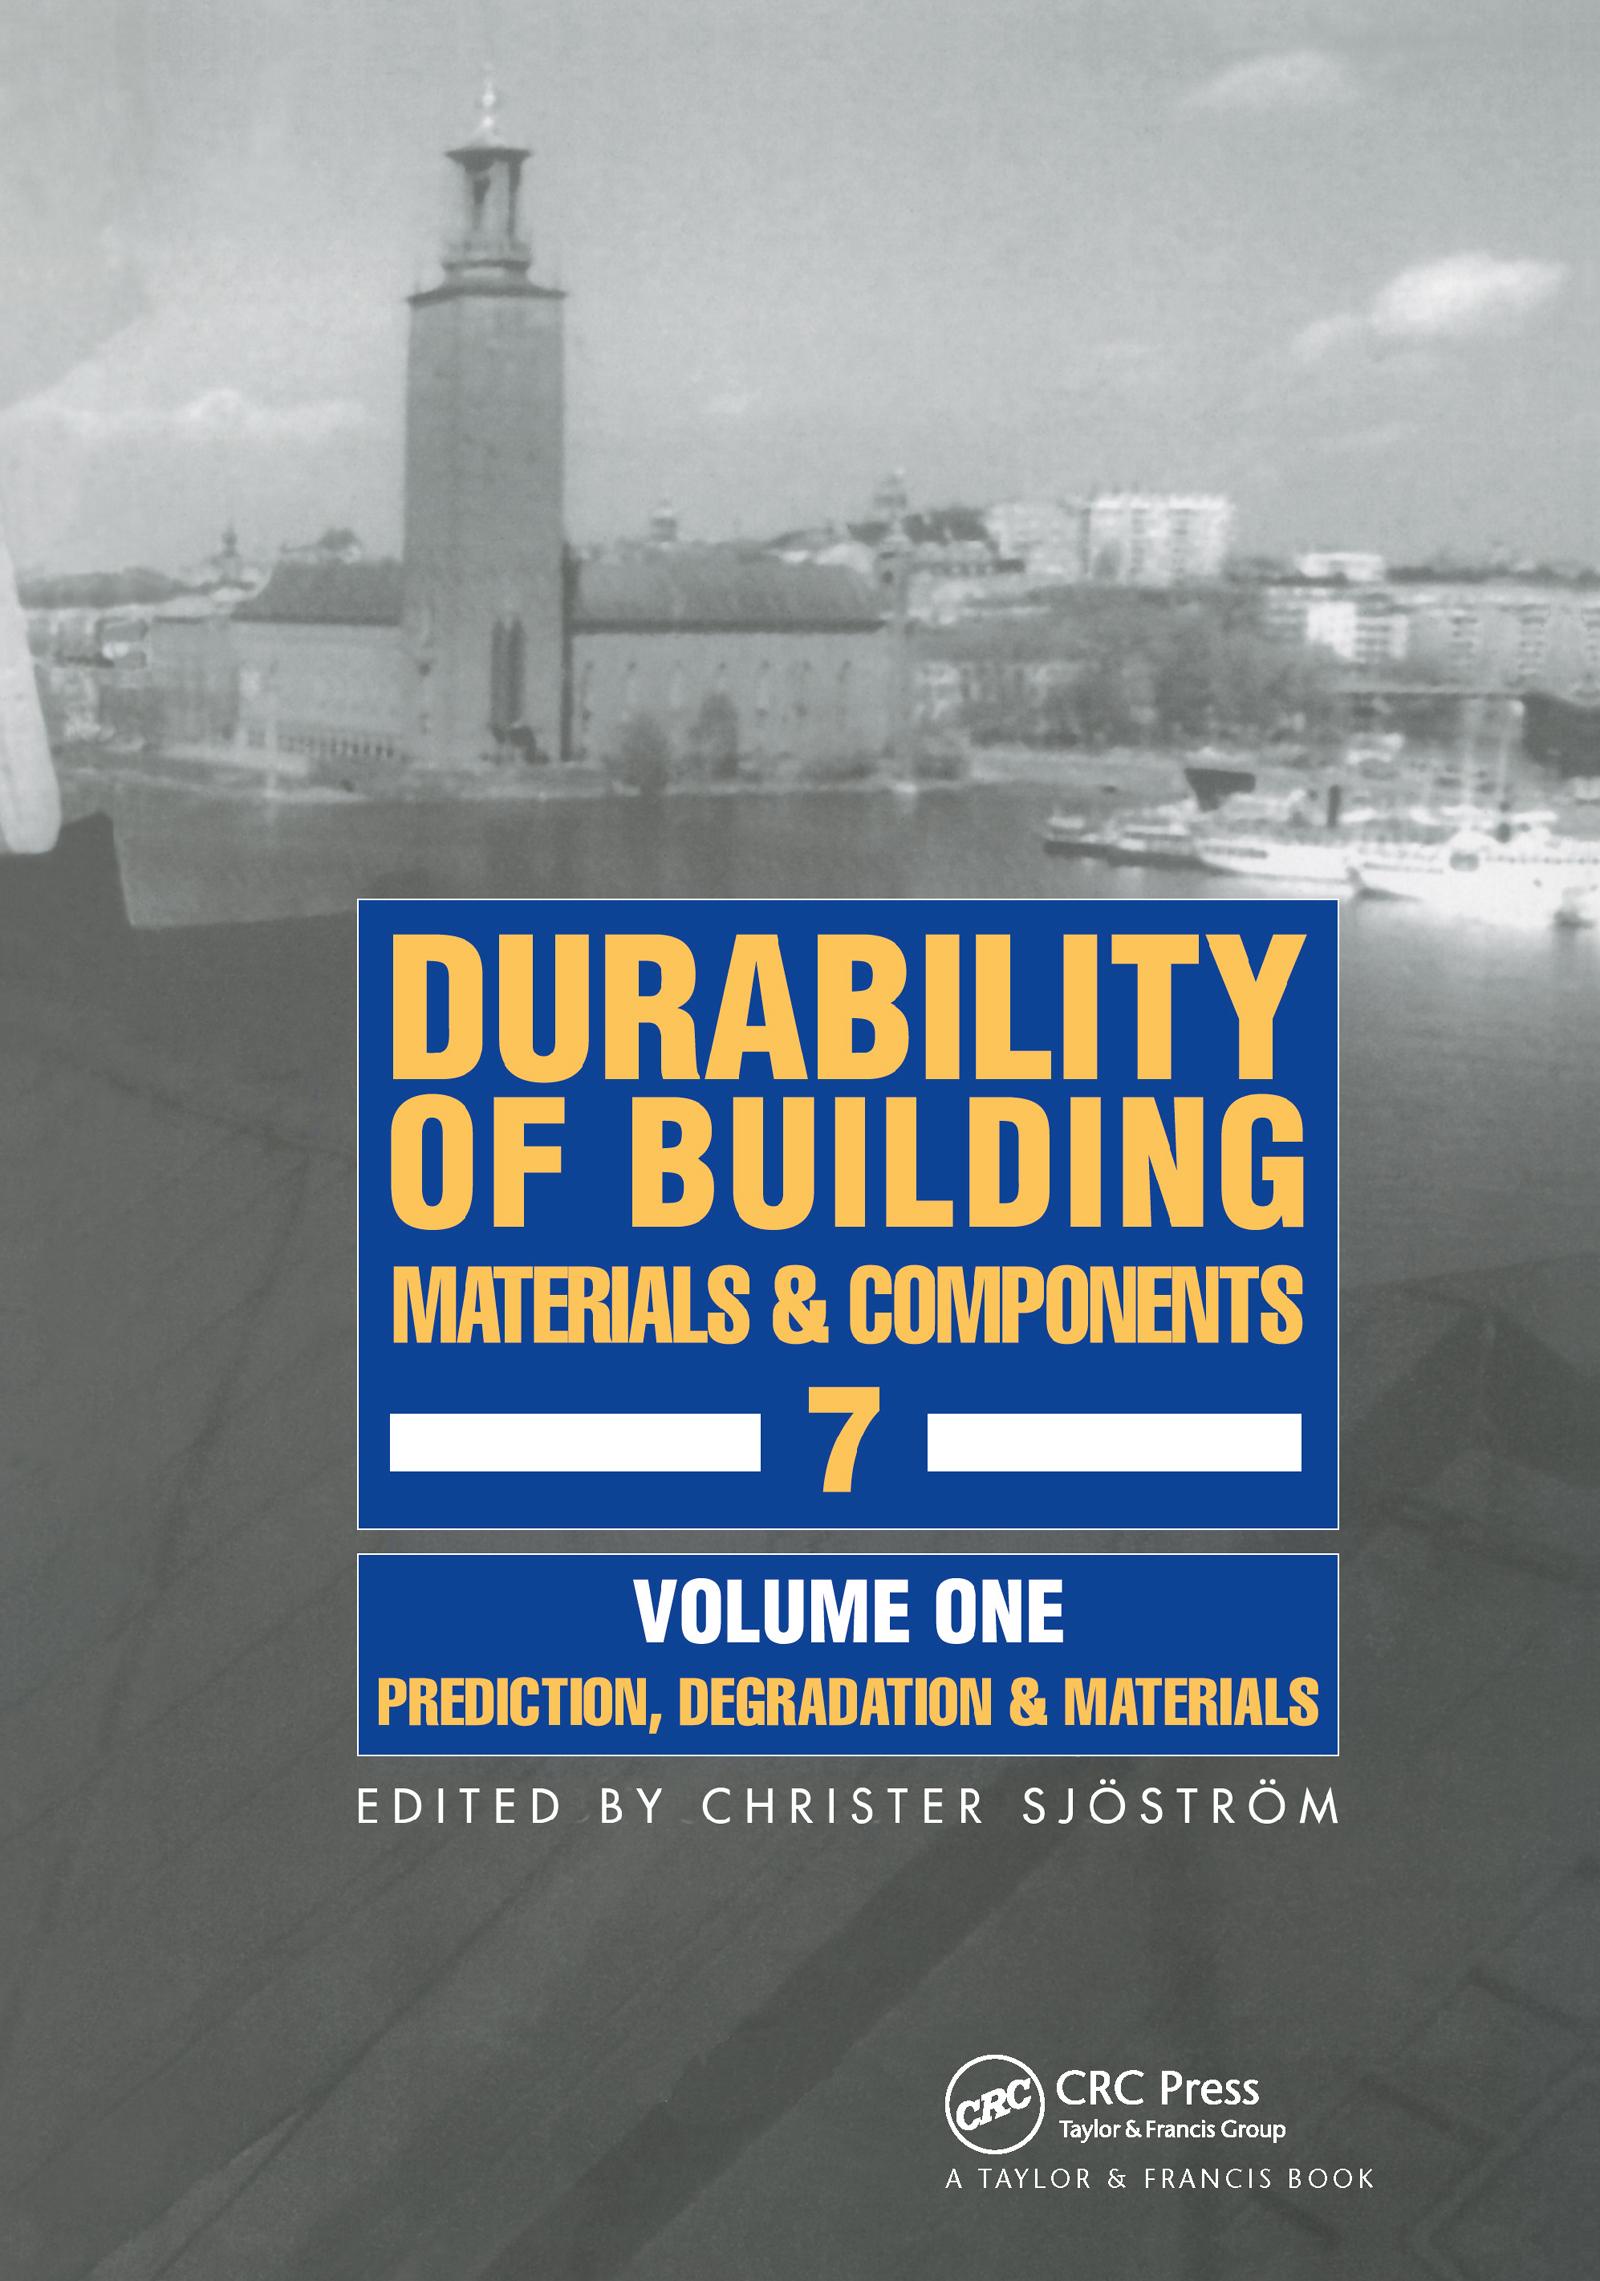 Durability of Building Materials & Components 7 vol.1